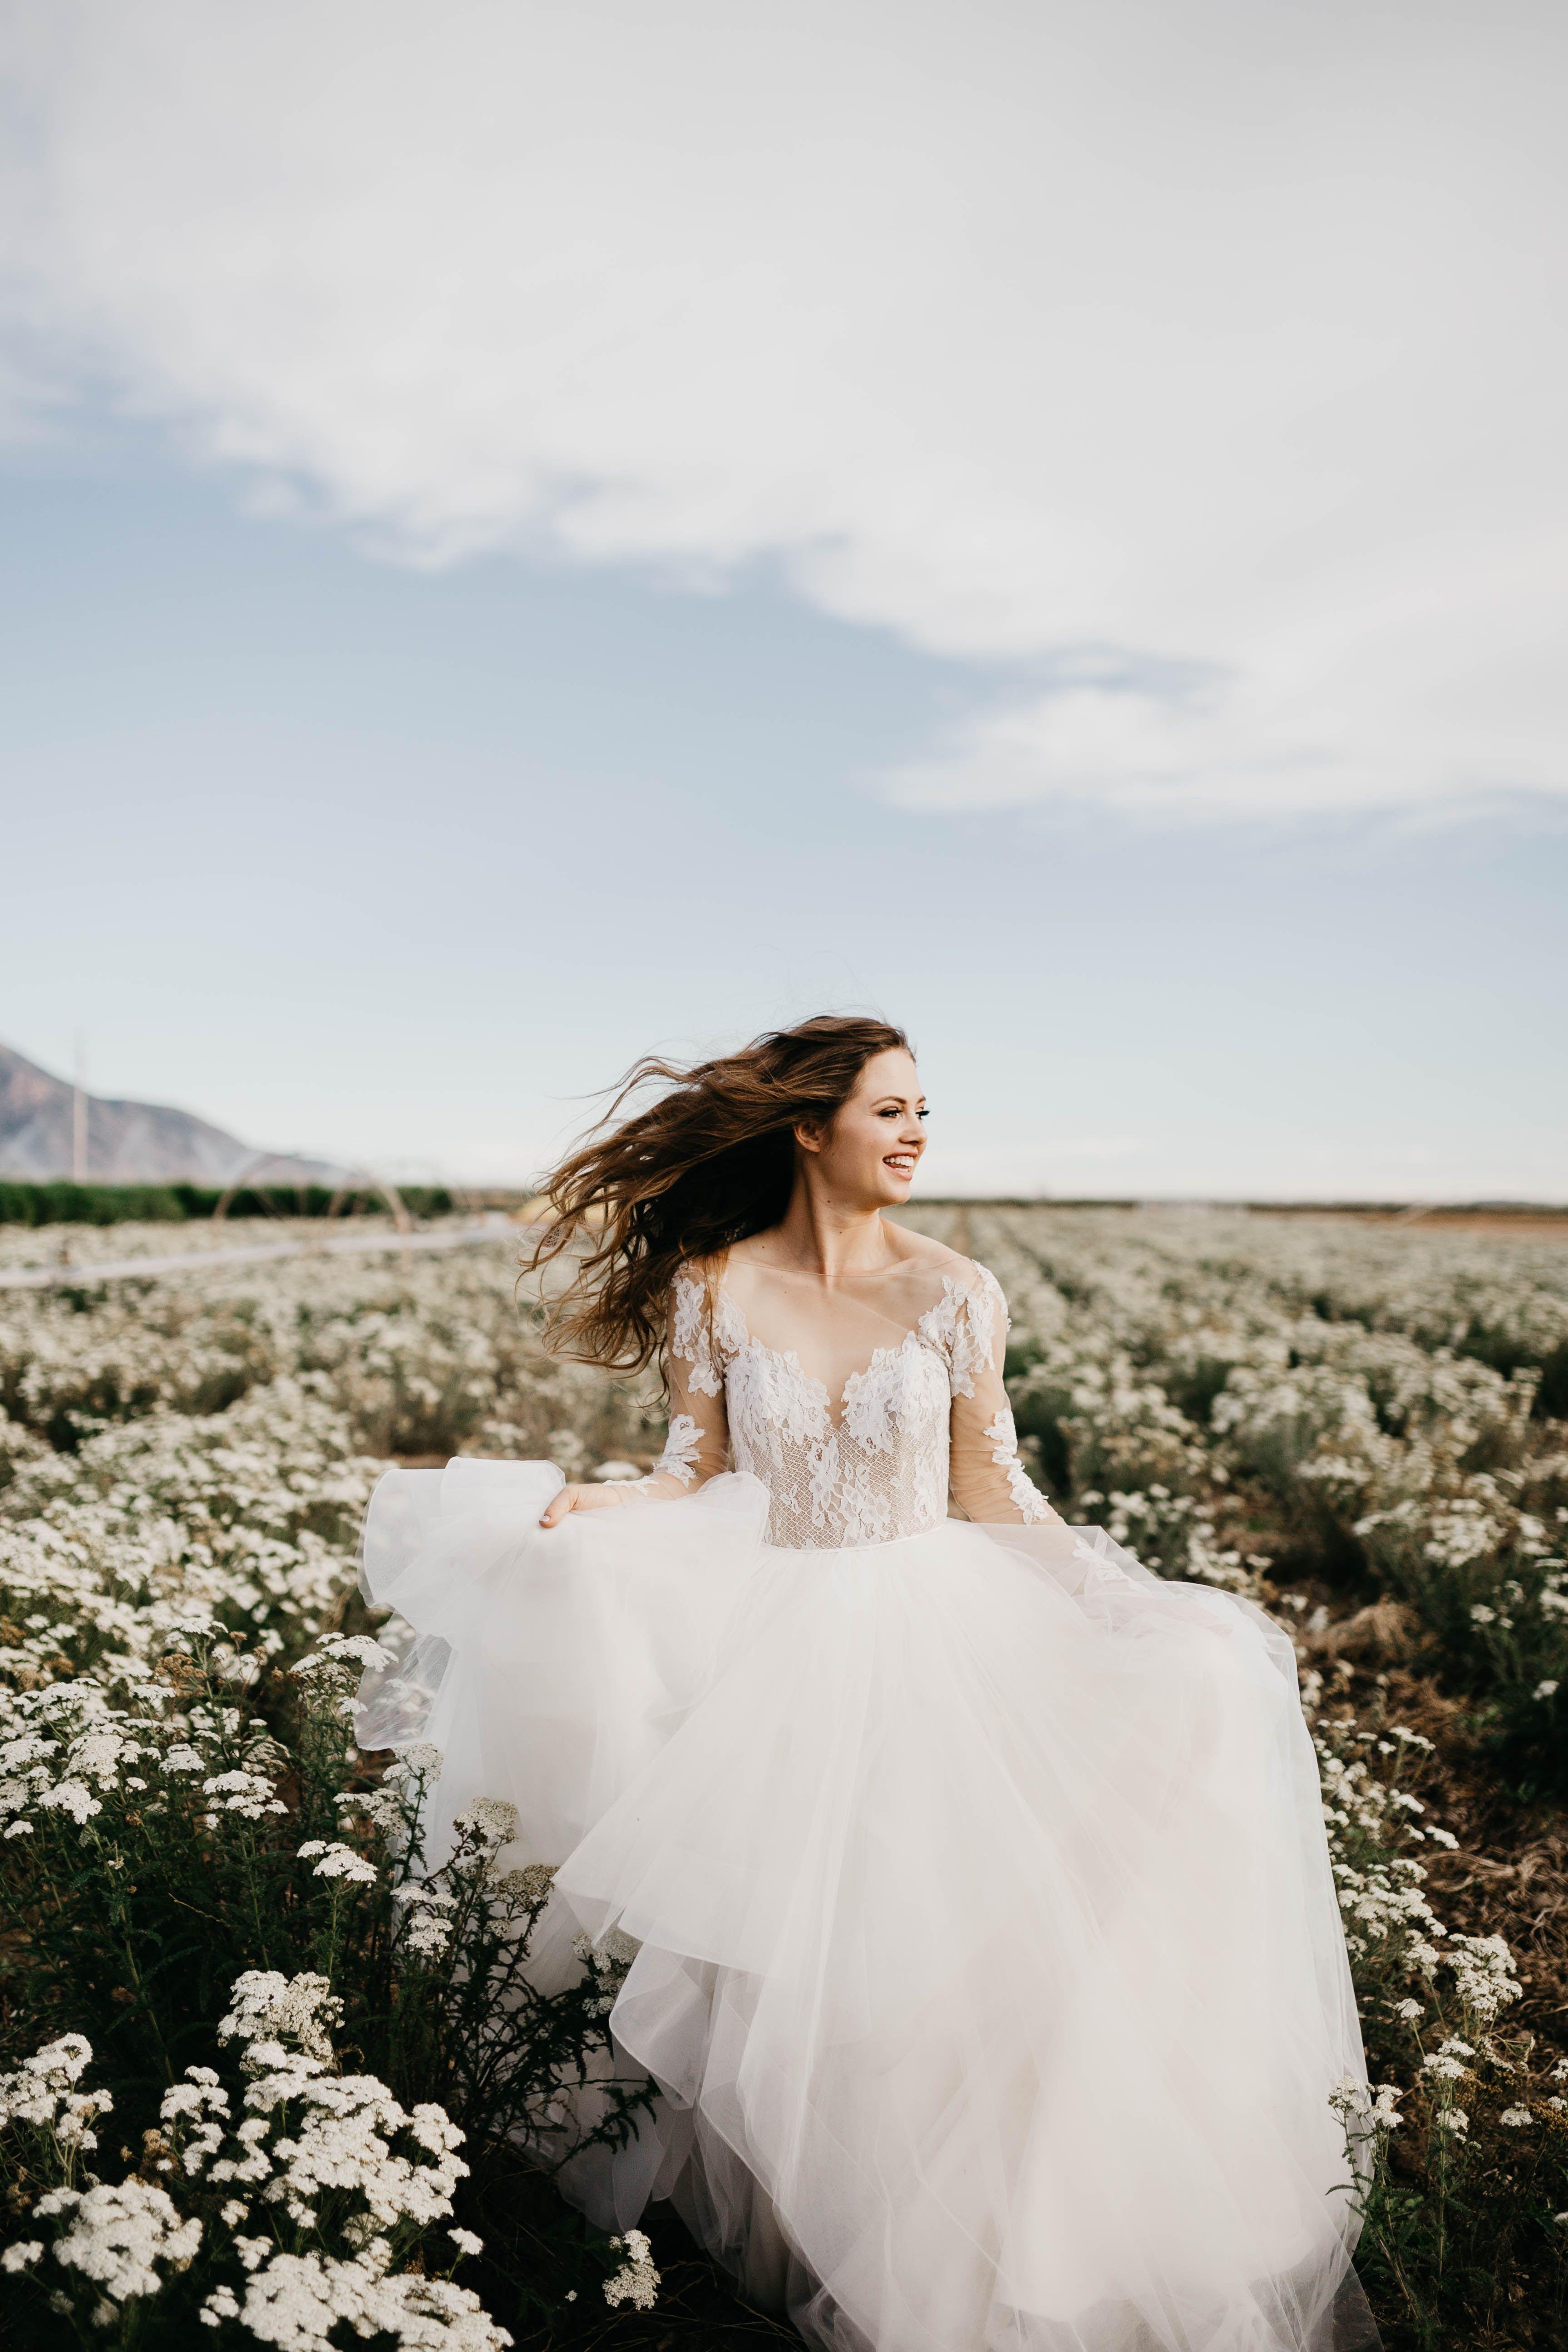 Bridals Bridal Poses Bridal Photoshoot Bridal Shoot